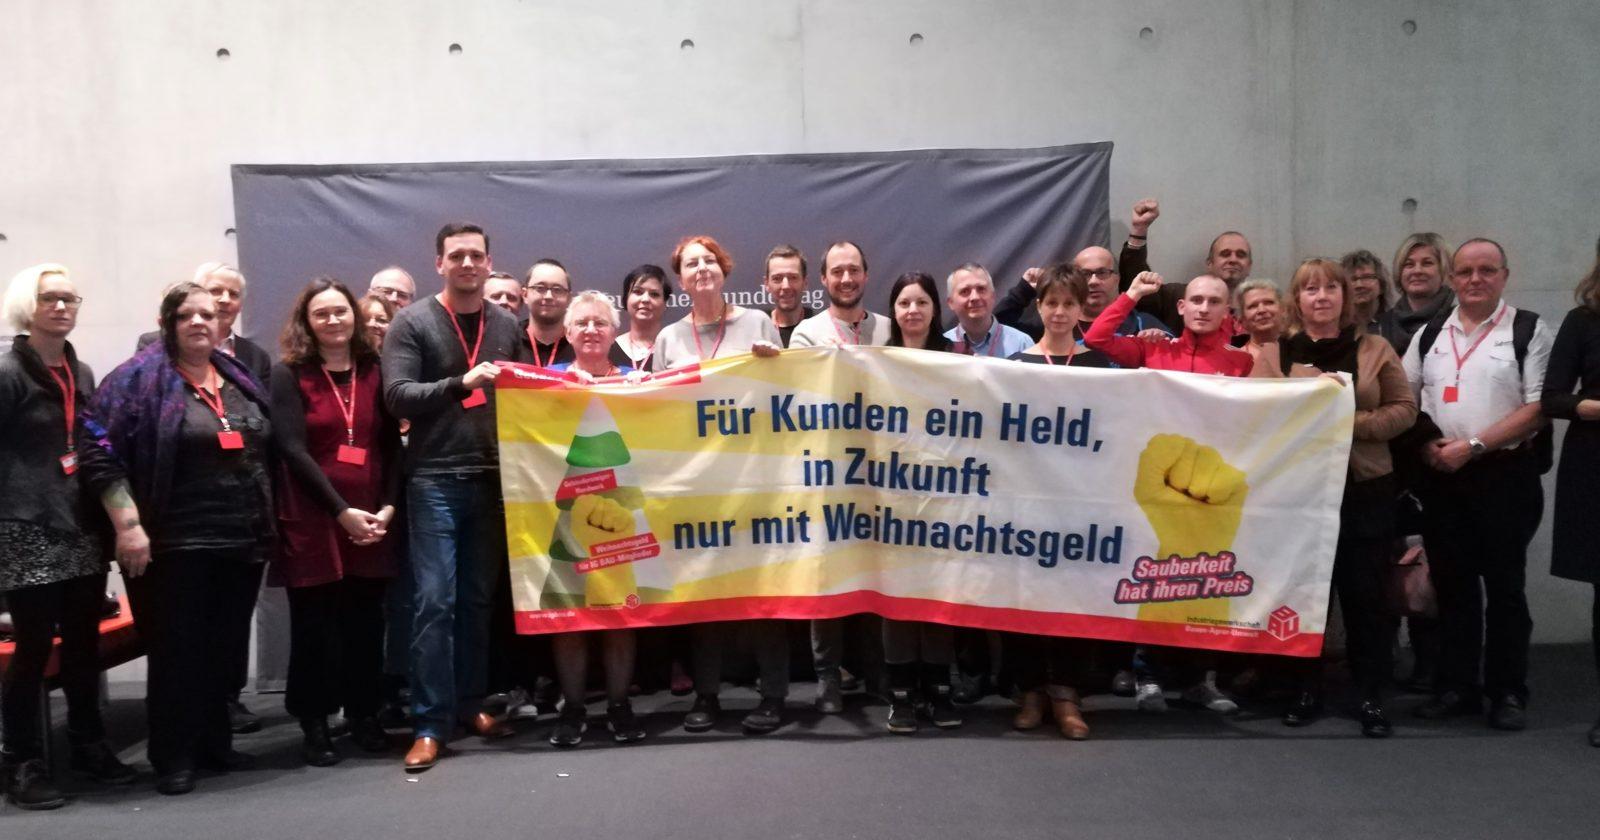 Betriebs- und Personalrätekonferenz der Bundestagsfraktion die Linke erklärt sich solidarisch